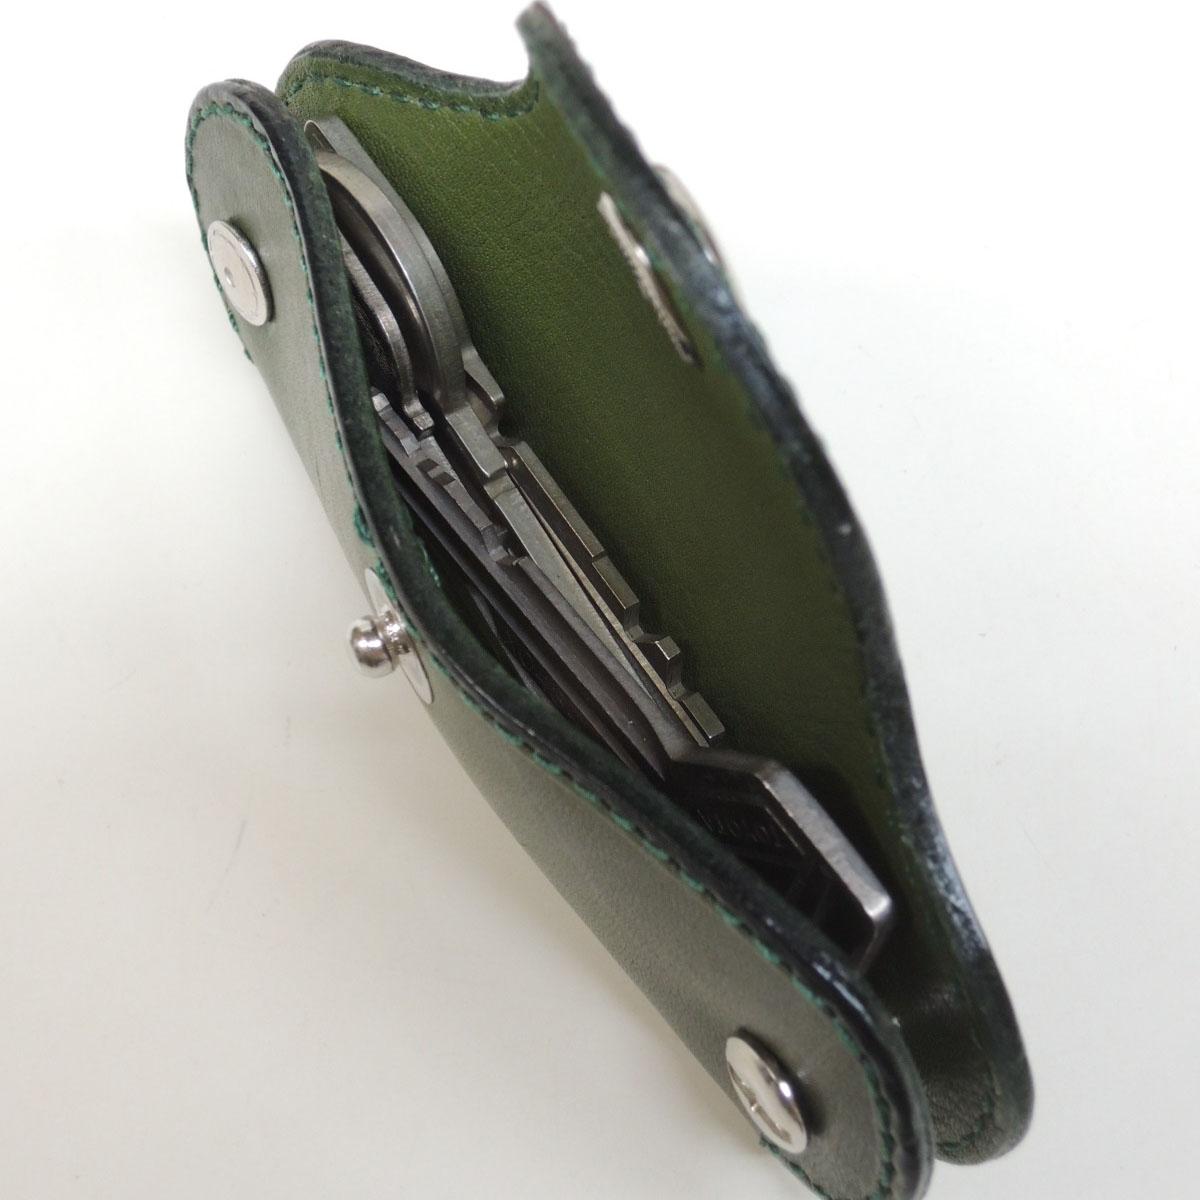 keycaseCrab